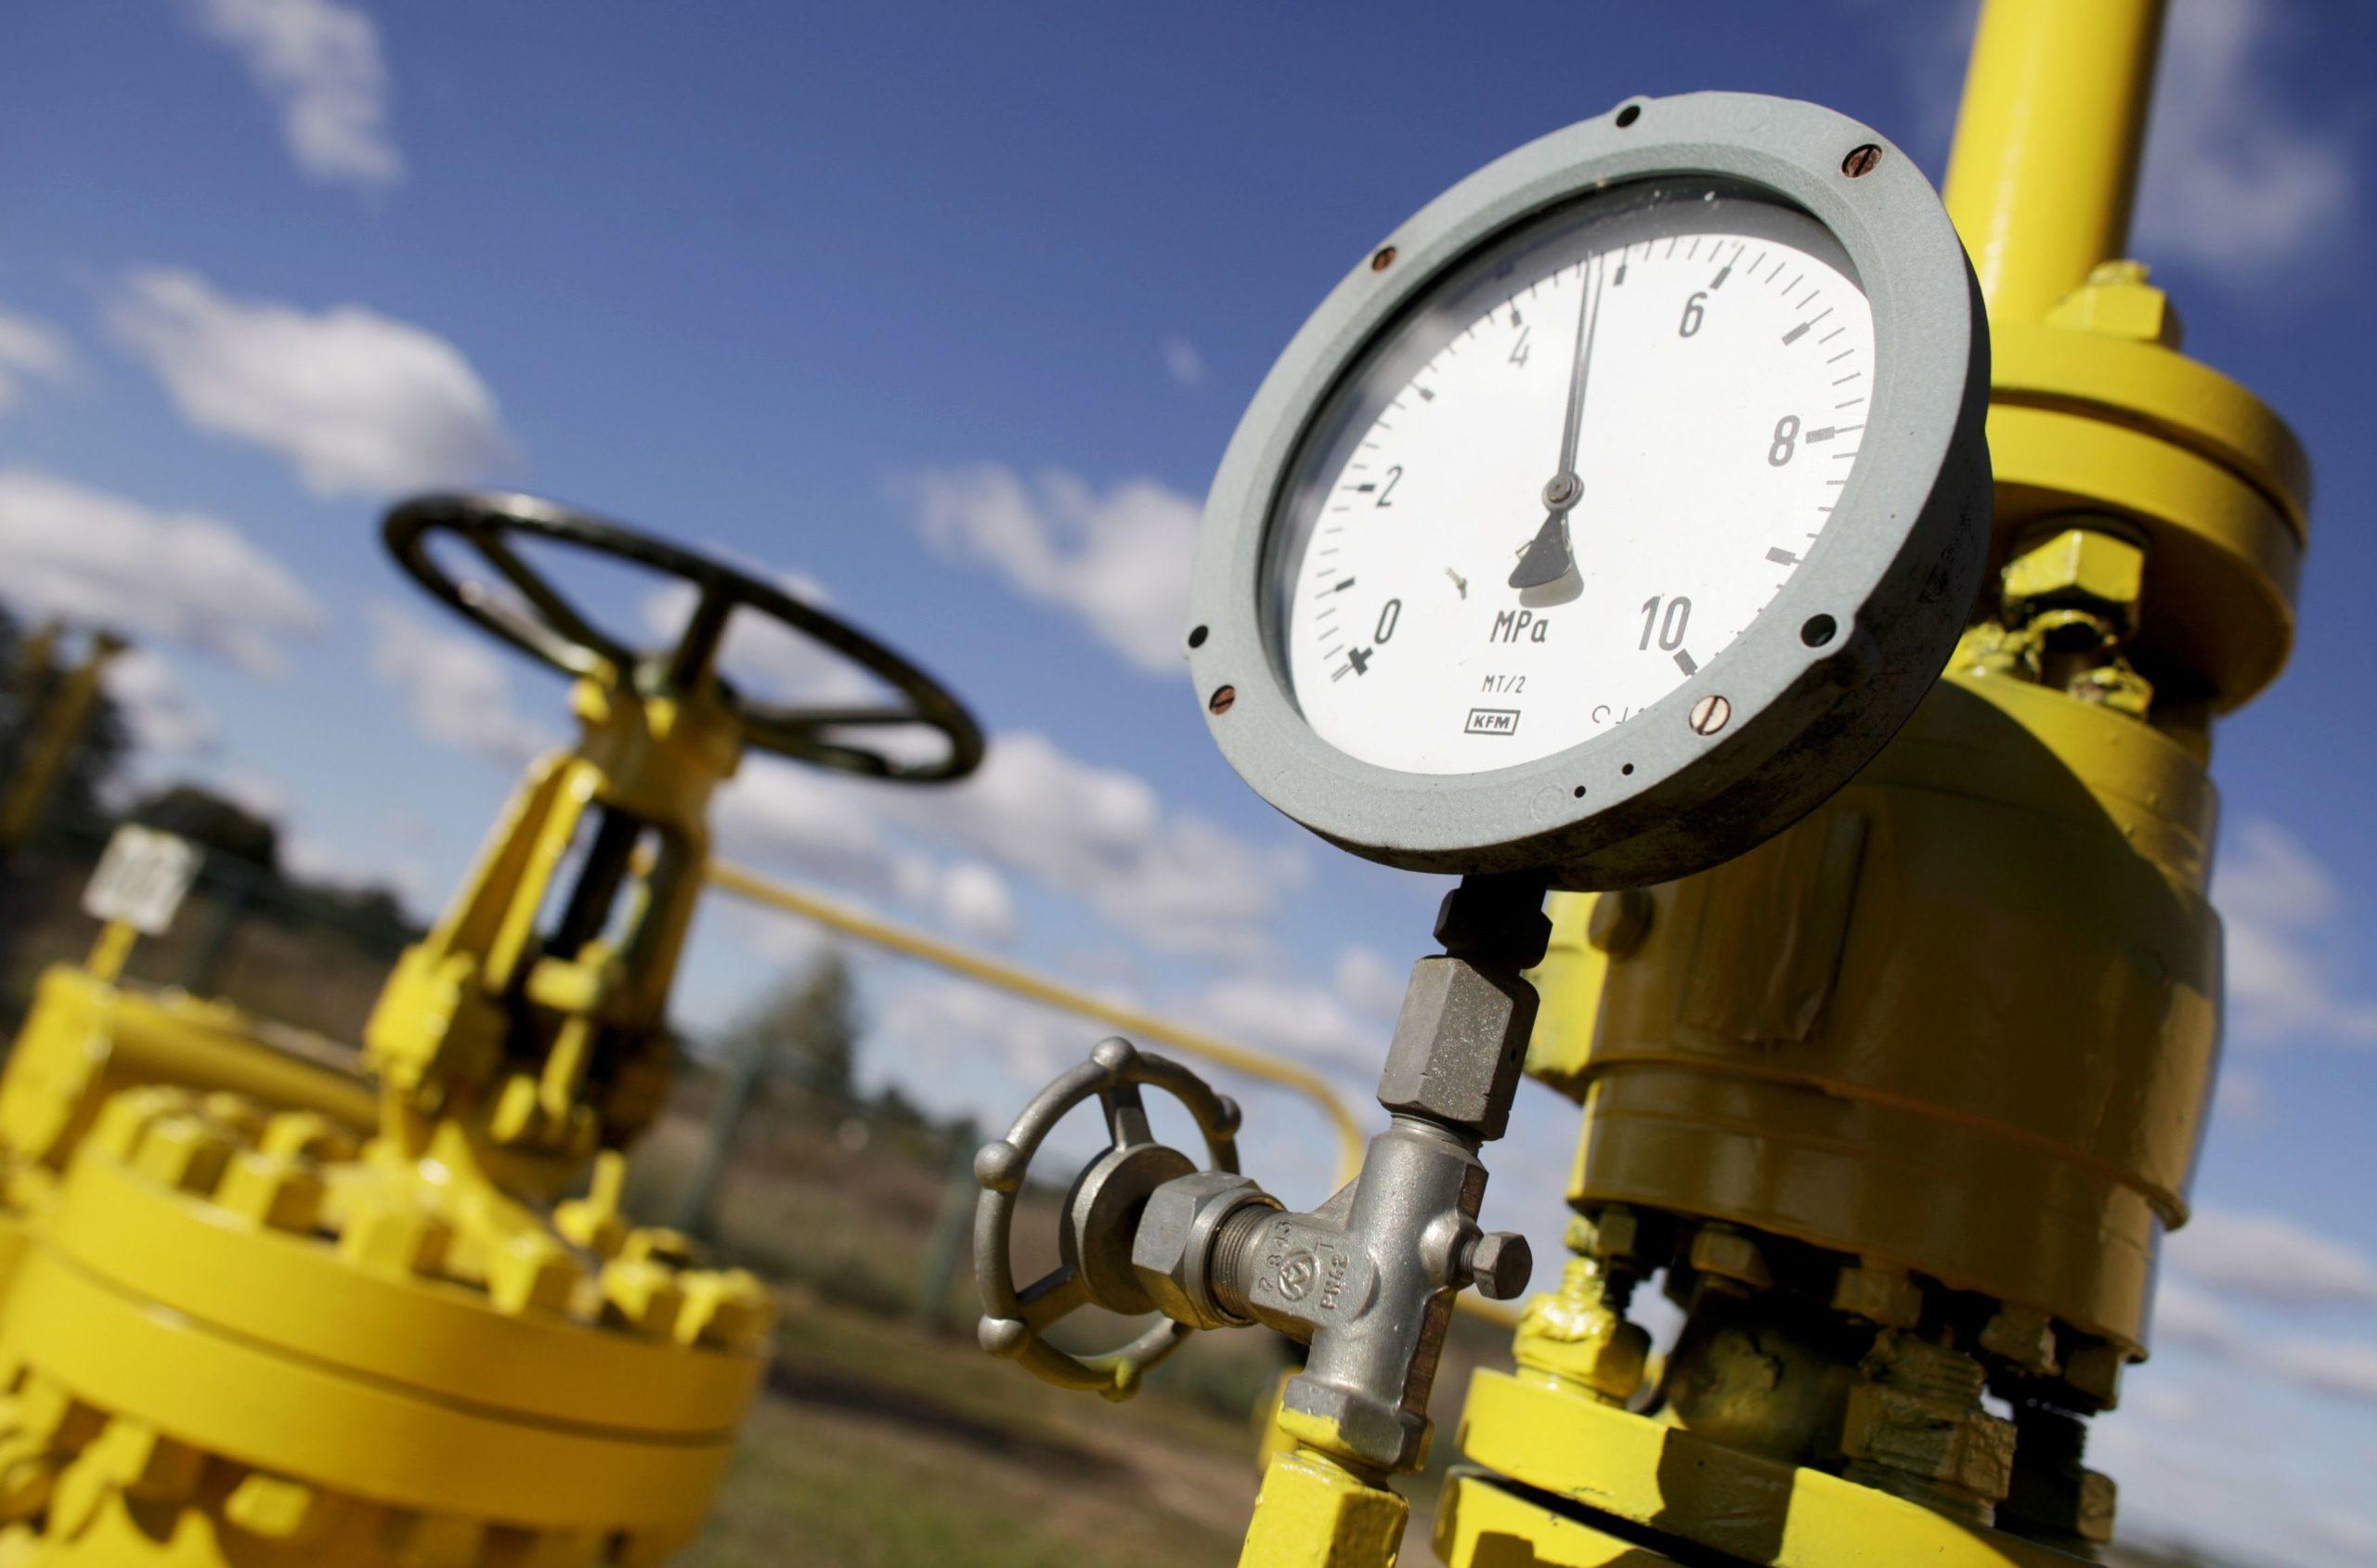 Виктор Рыжков: В числе приоритетных проектов – модернизация центральной газовой котельной